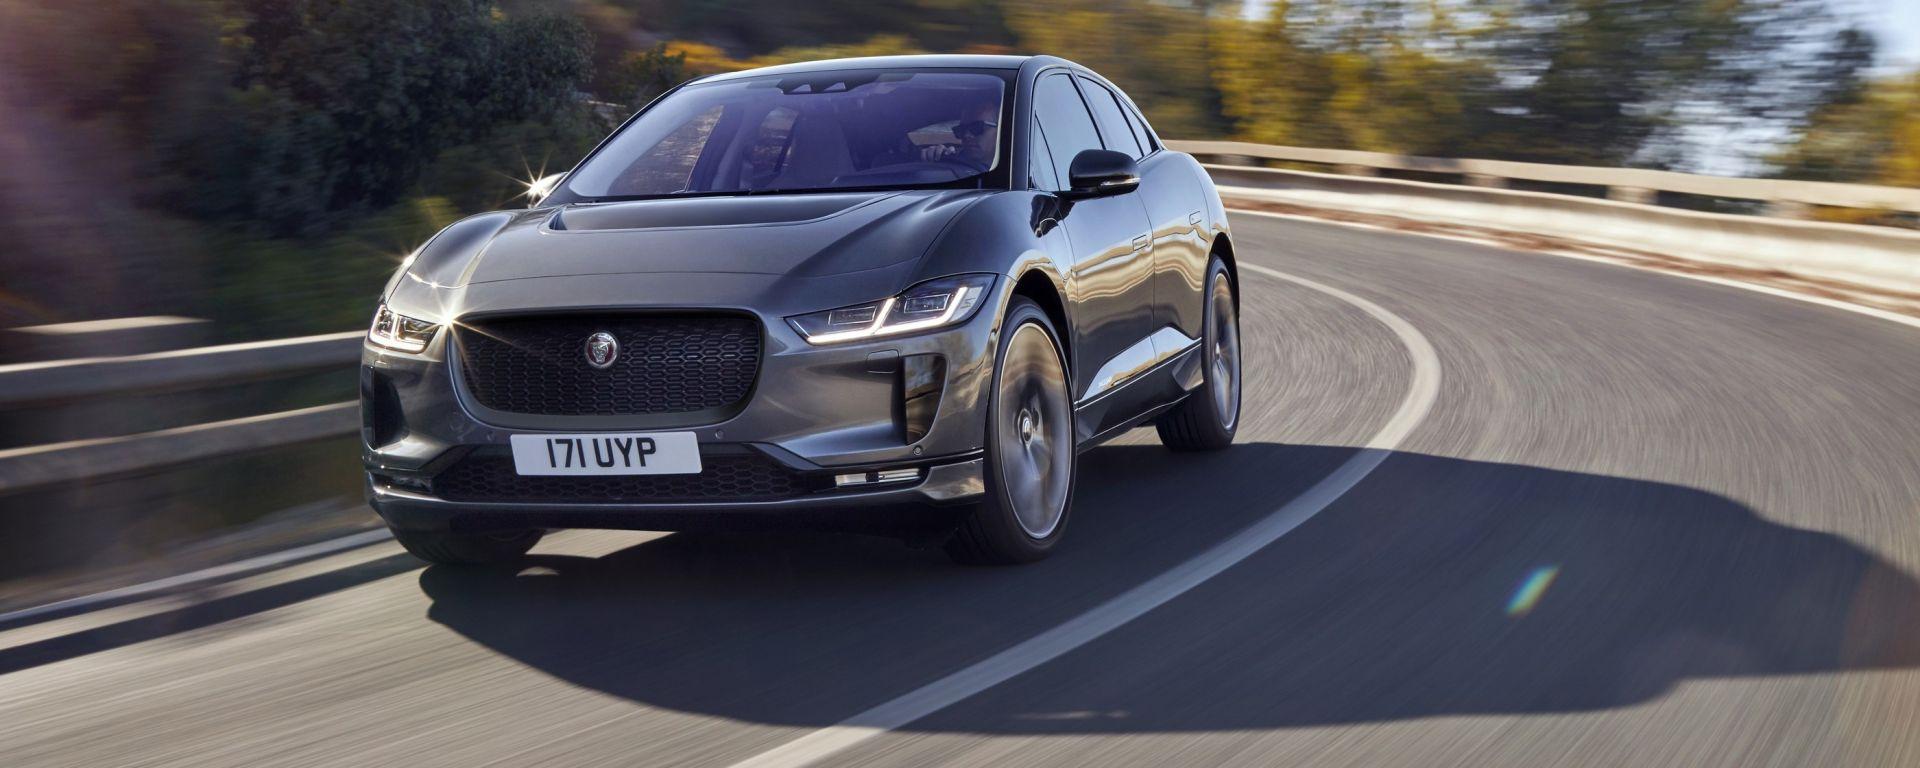 Jaguar i-Pace: vista 3/4 anteriore